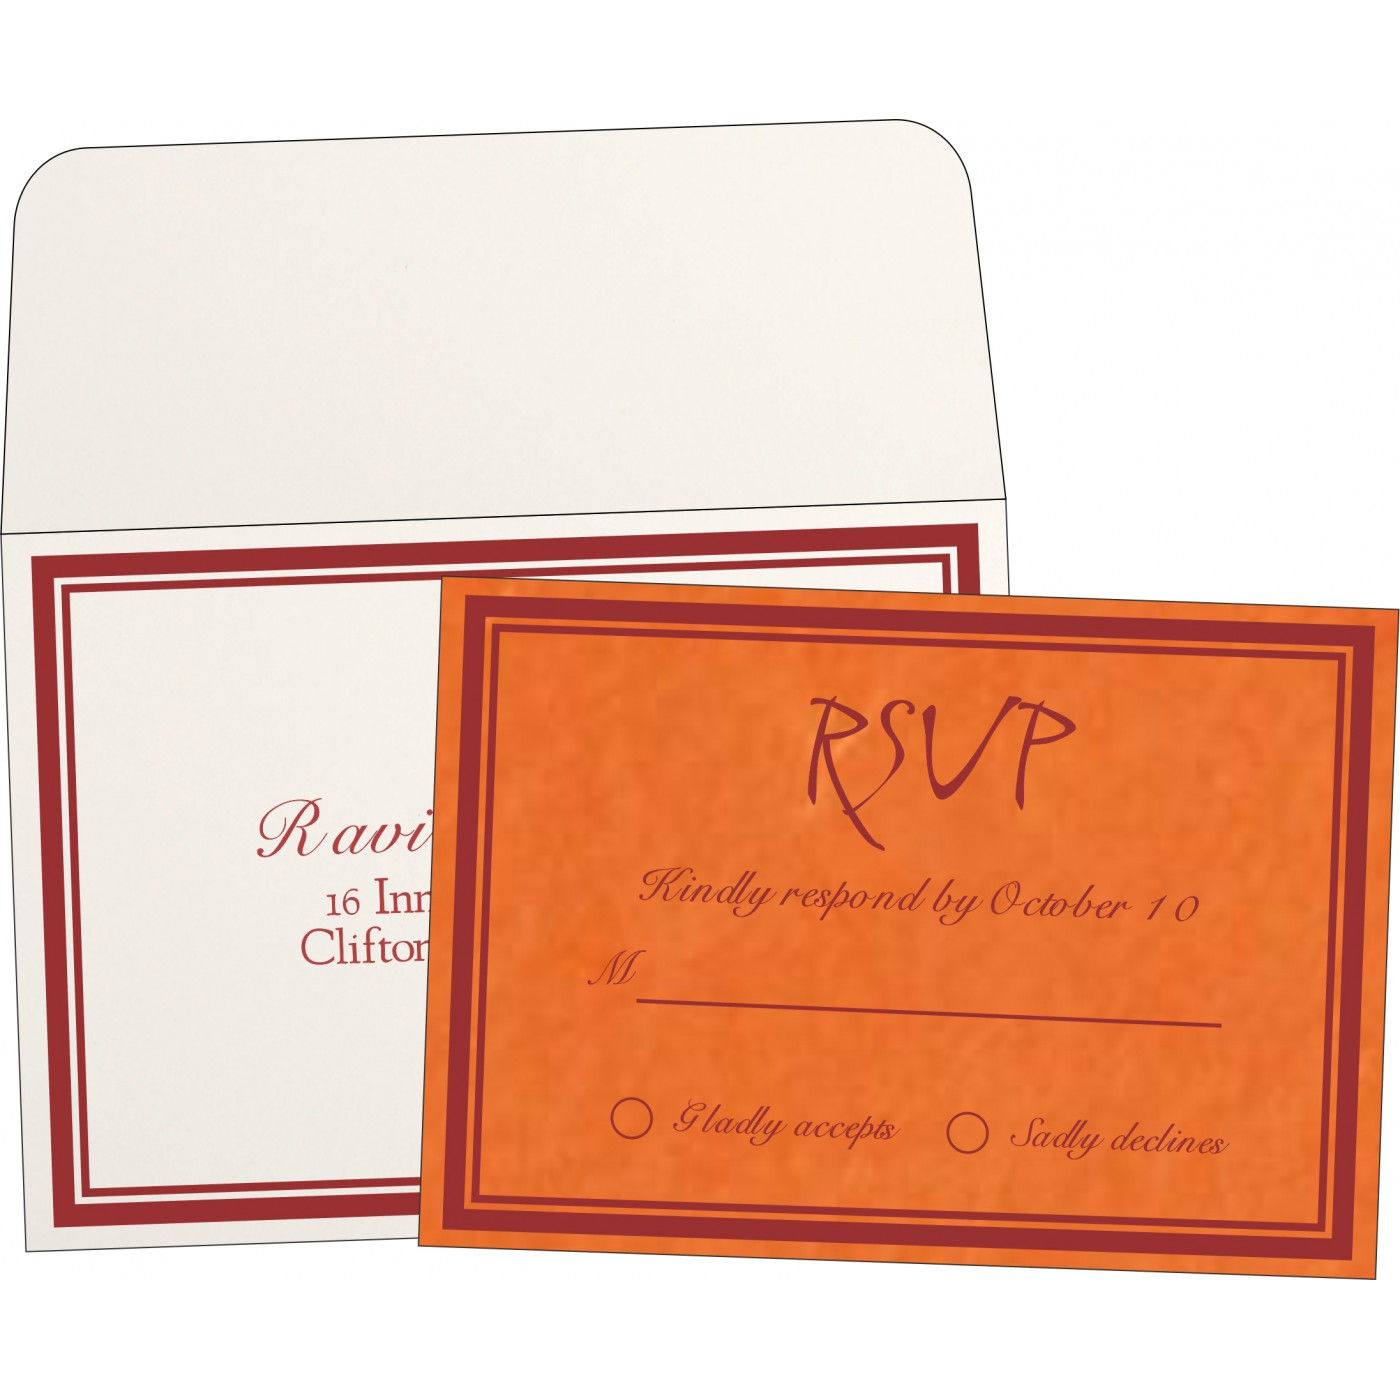 RSVP Cards : CRSVP-8203J